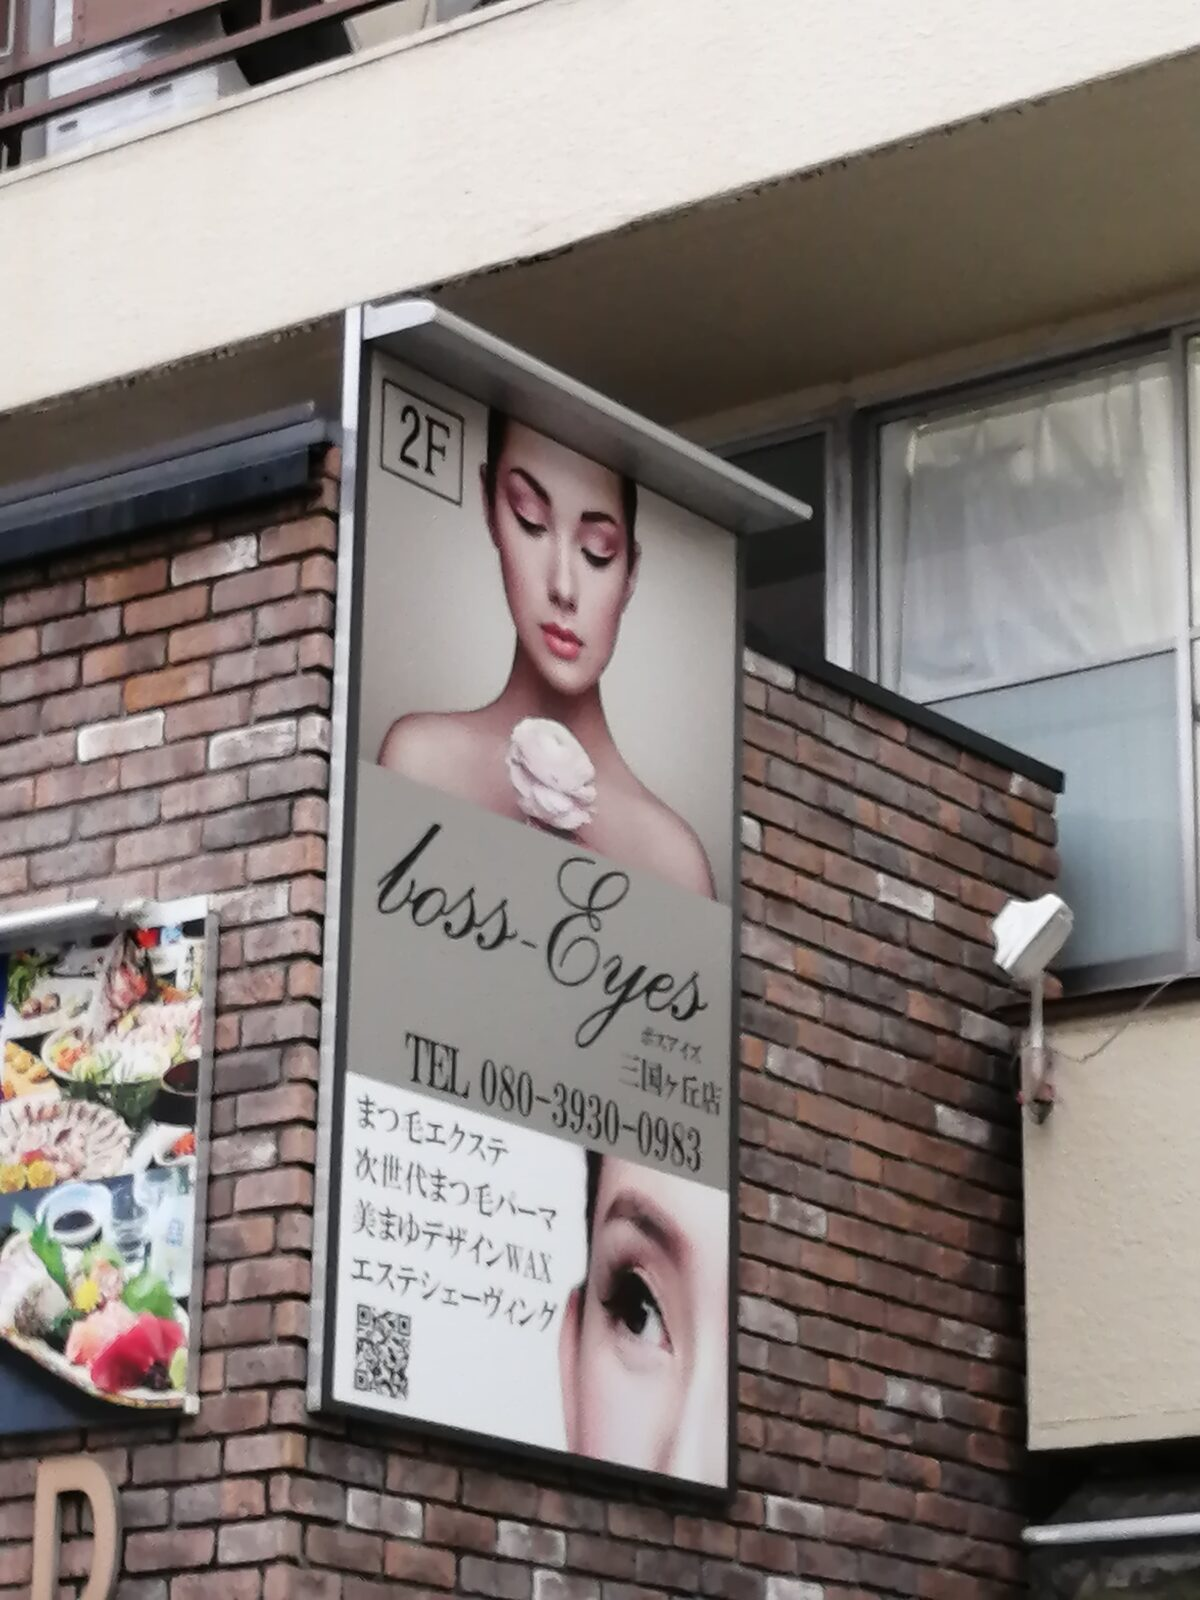 【新店情報】堺区・堺市内に3店舗目☆三国ヶ丘駅前にアイラッシュサロンがオープンするみたいです!: